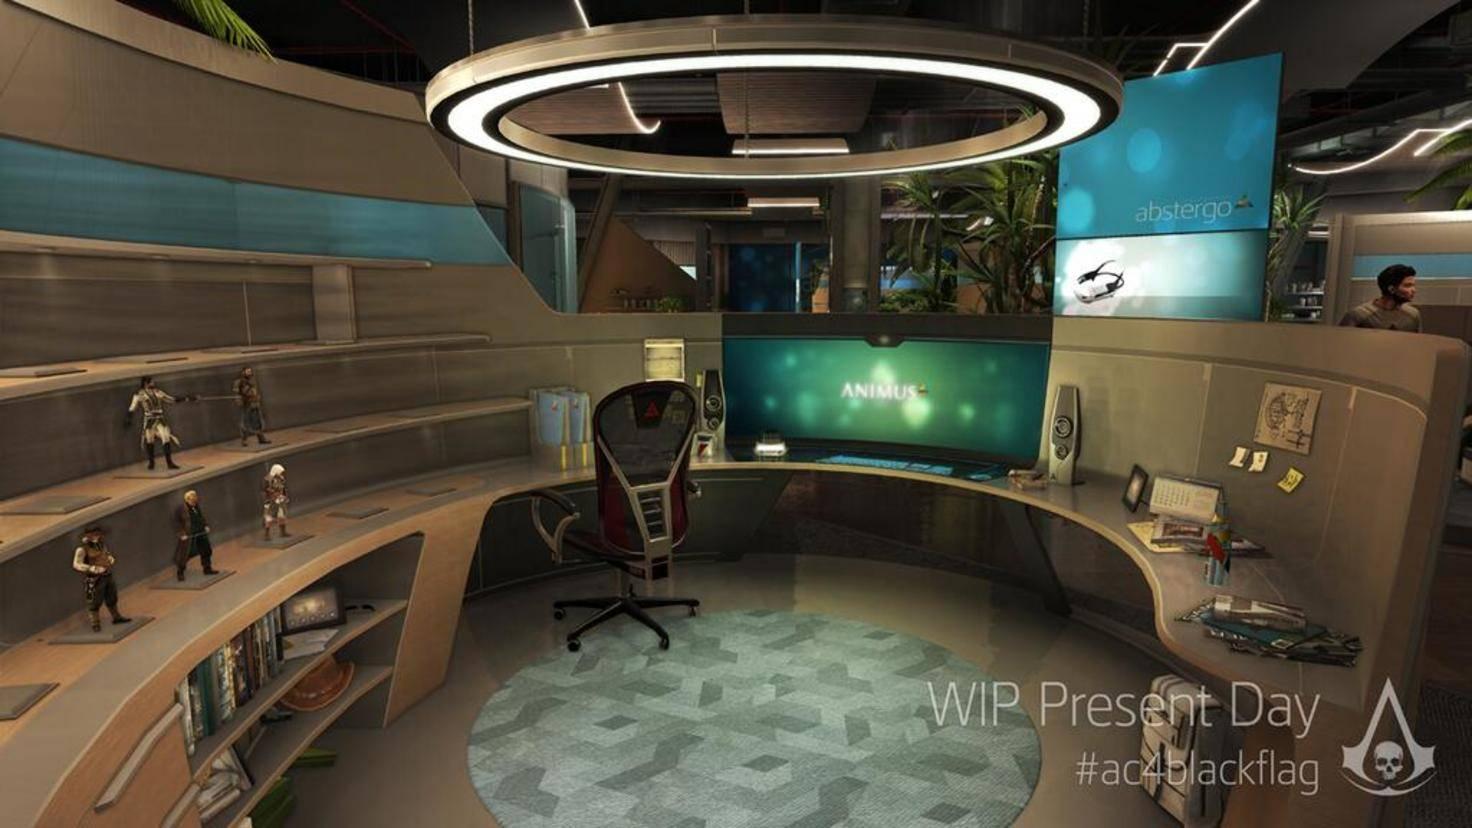 Abstergo-Ubisoft